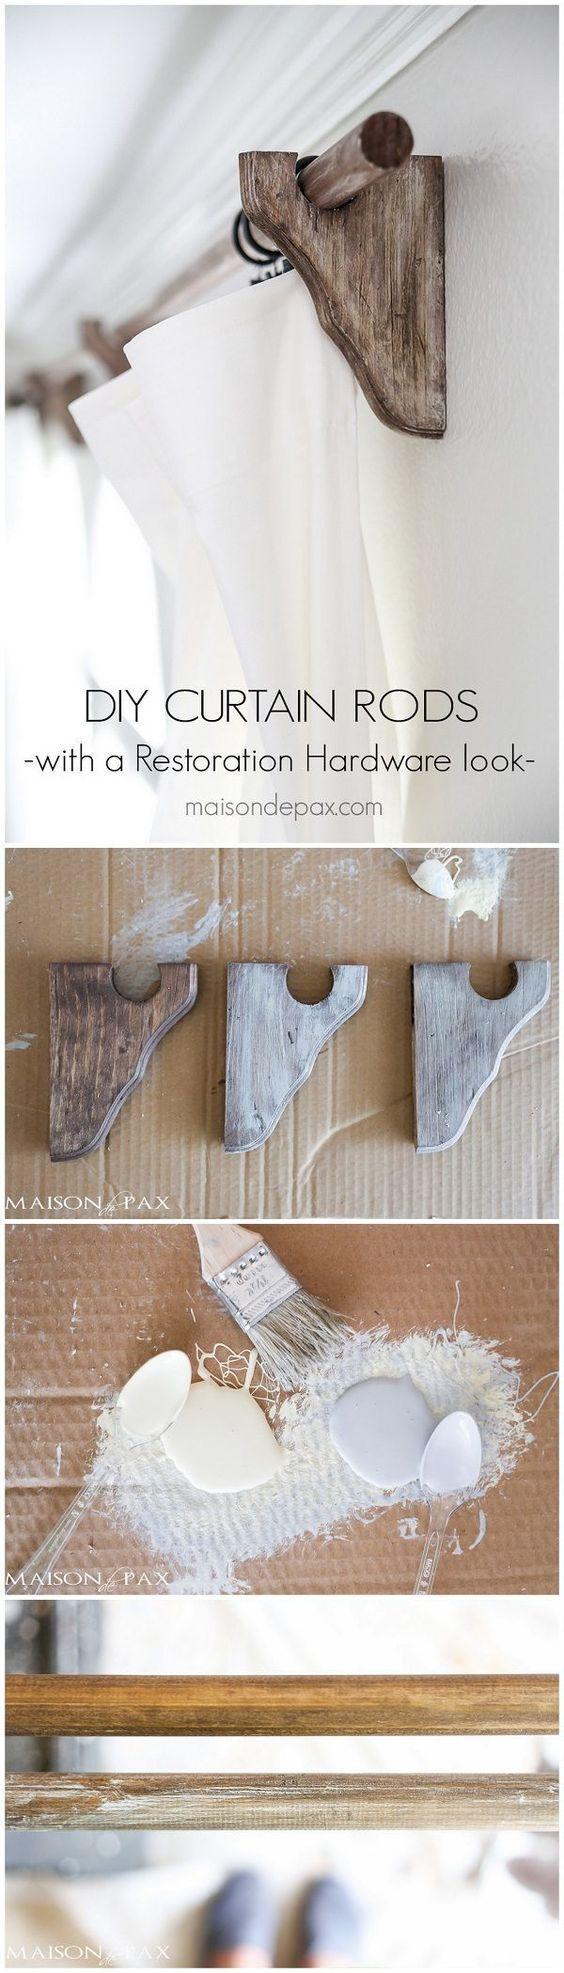 35 Genial DIY Fenster behandlung Ideen und Anleitungen - aSelbermachen #restorationhardware